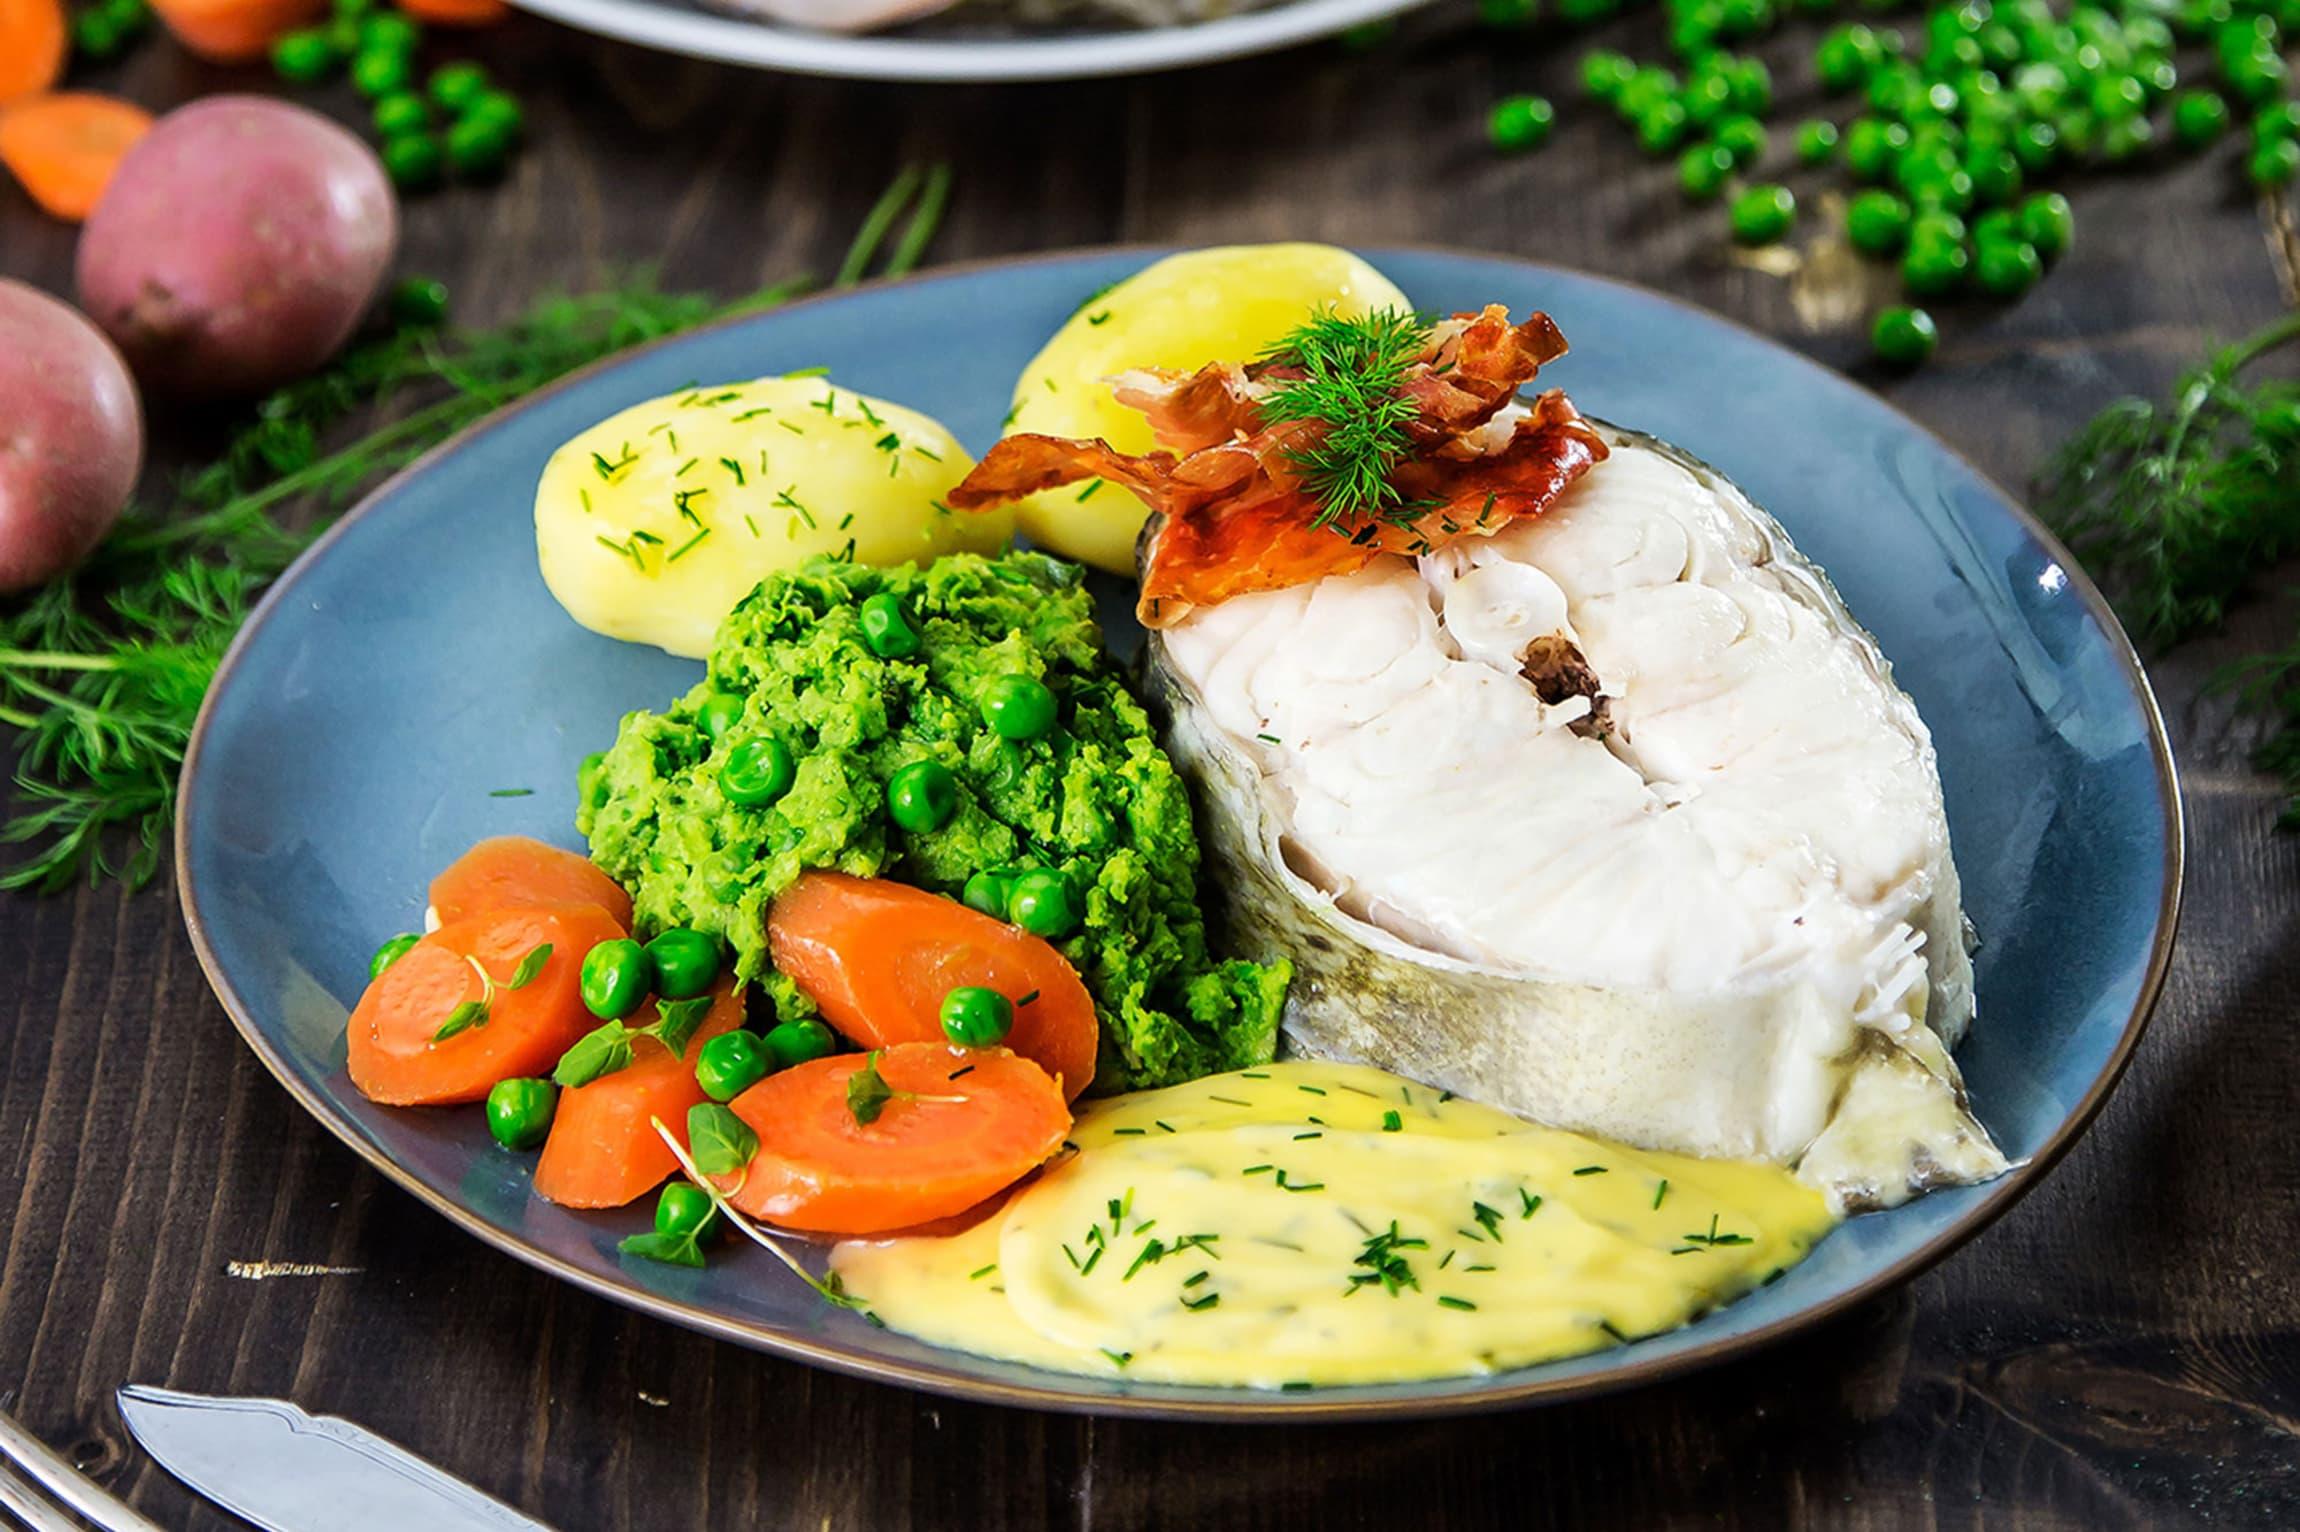 Dette er en tradisjonell måte å servere skrei på, hvor fisken trekkes og serveres med klassisk hollandaise, ertepuré og gulerøtter.